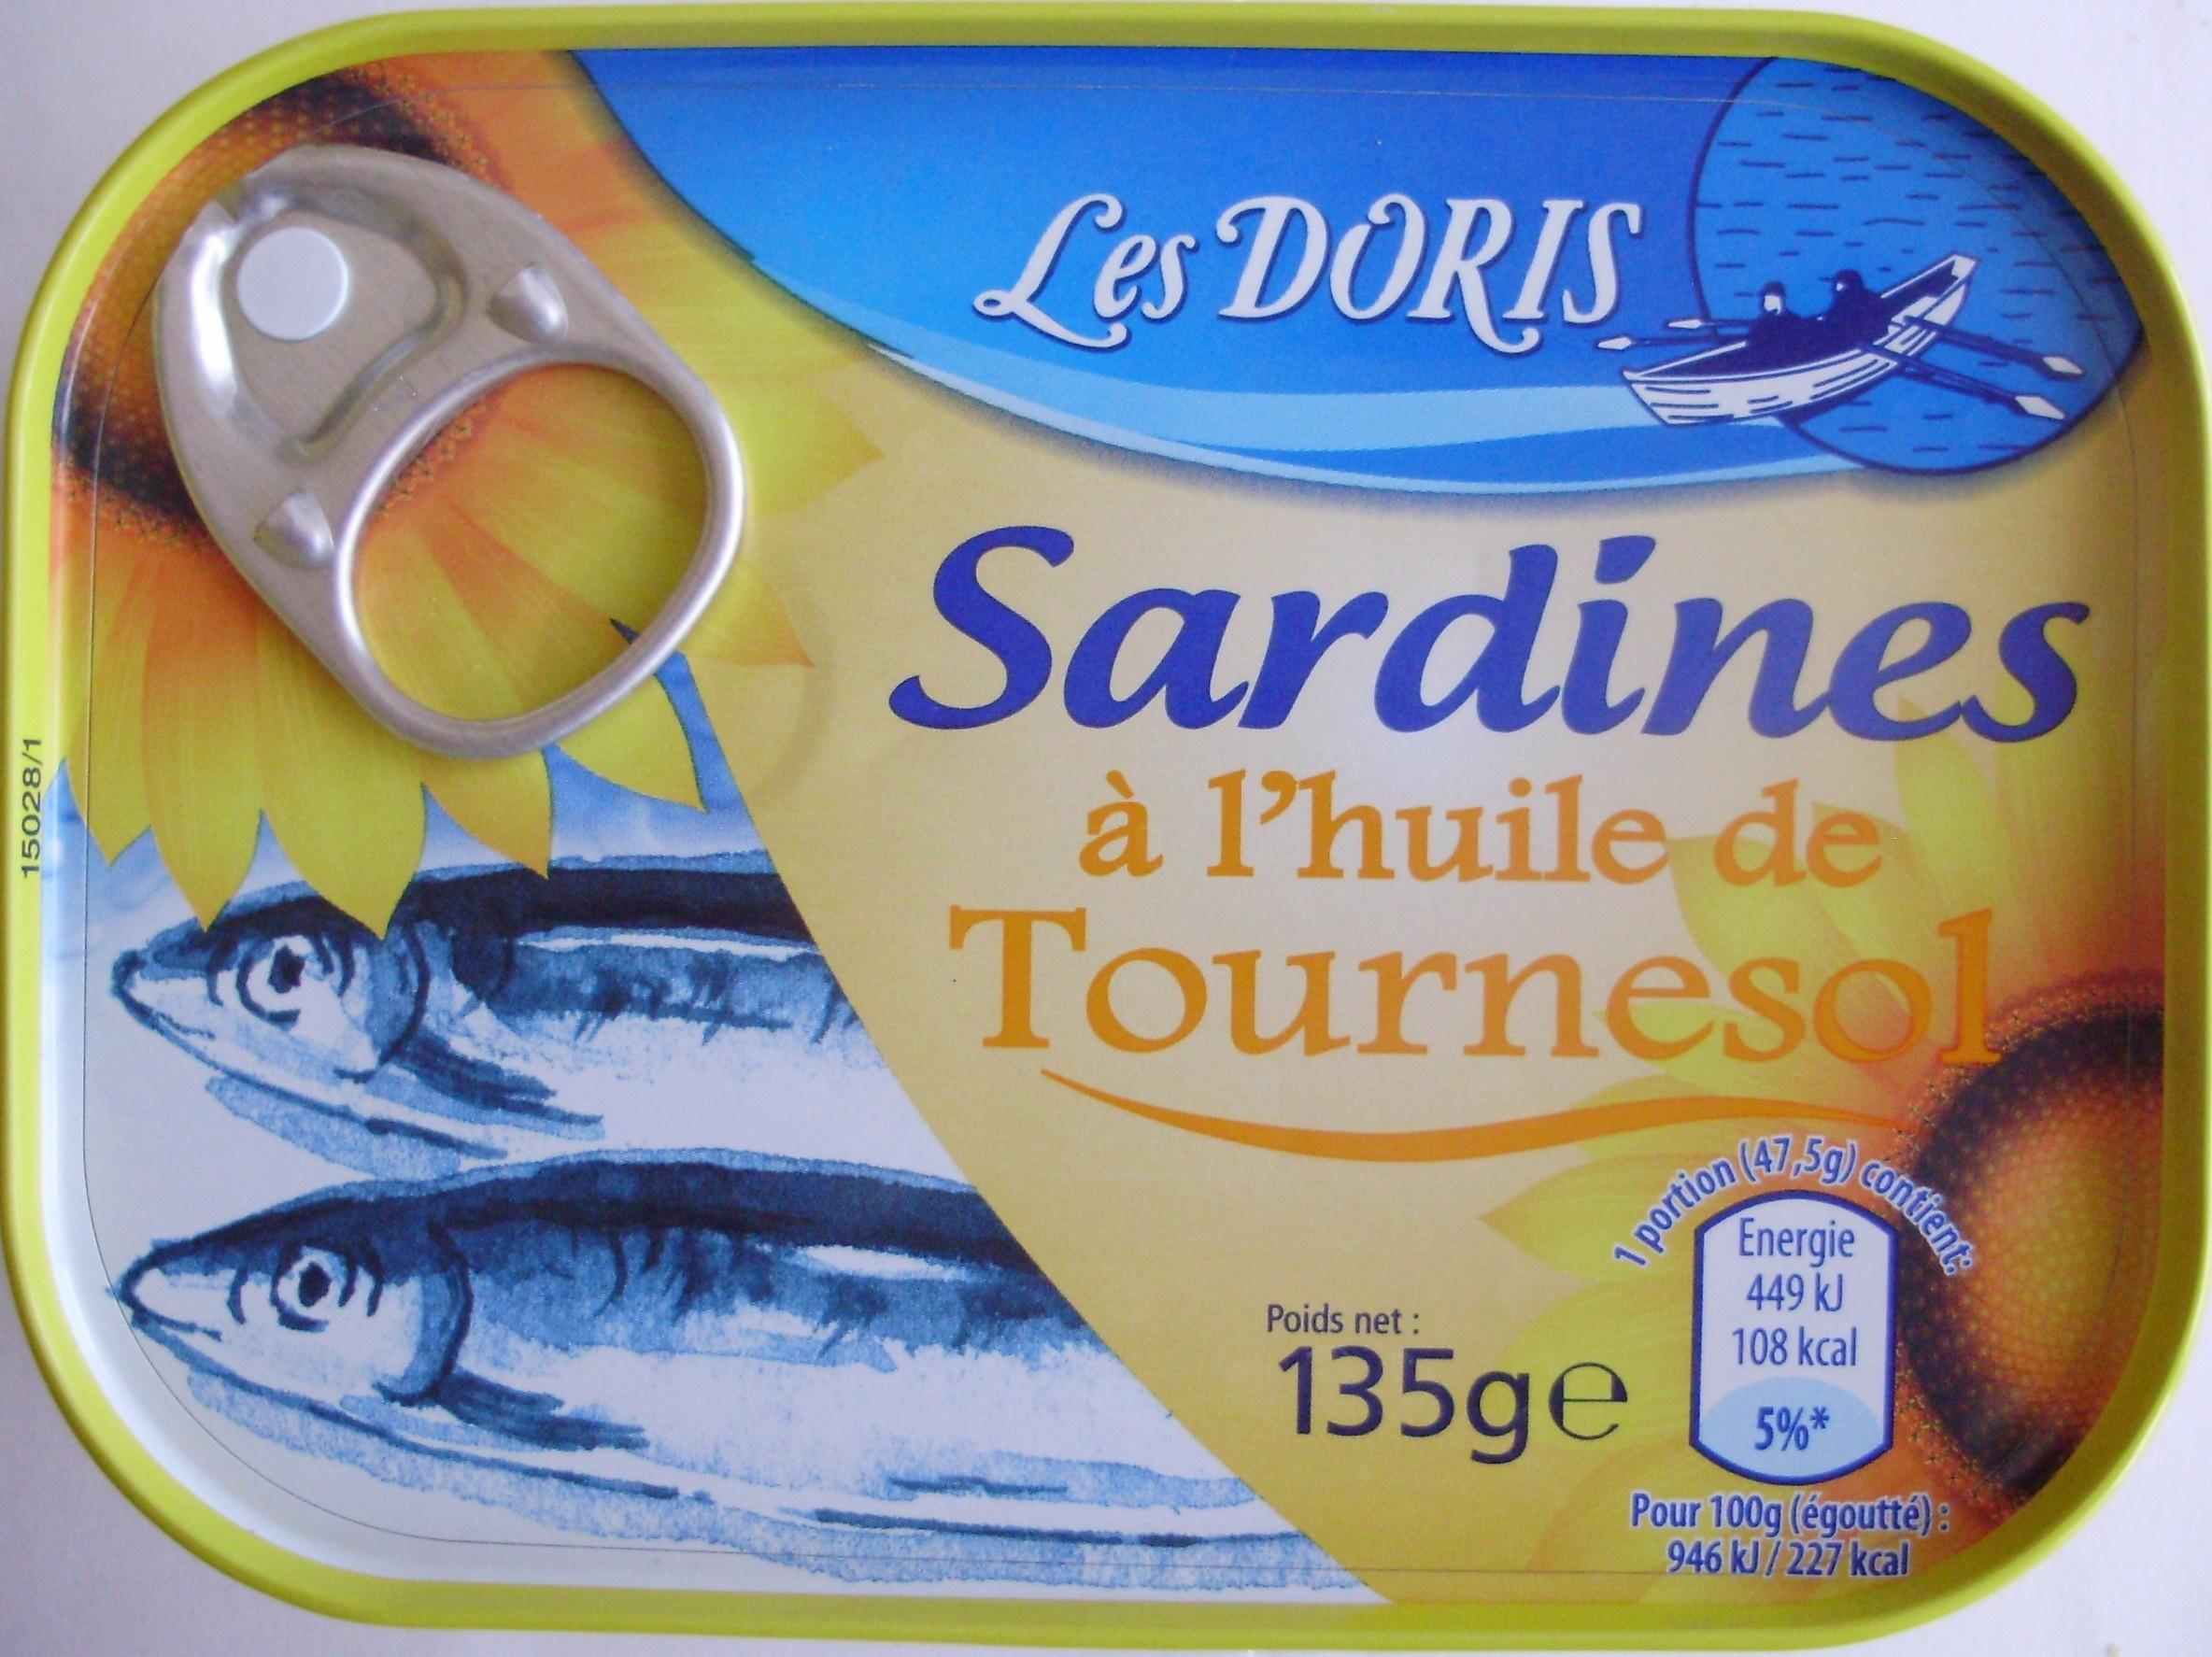 Sardines Lhuile De Tournesol Lot 2 Botes